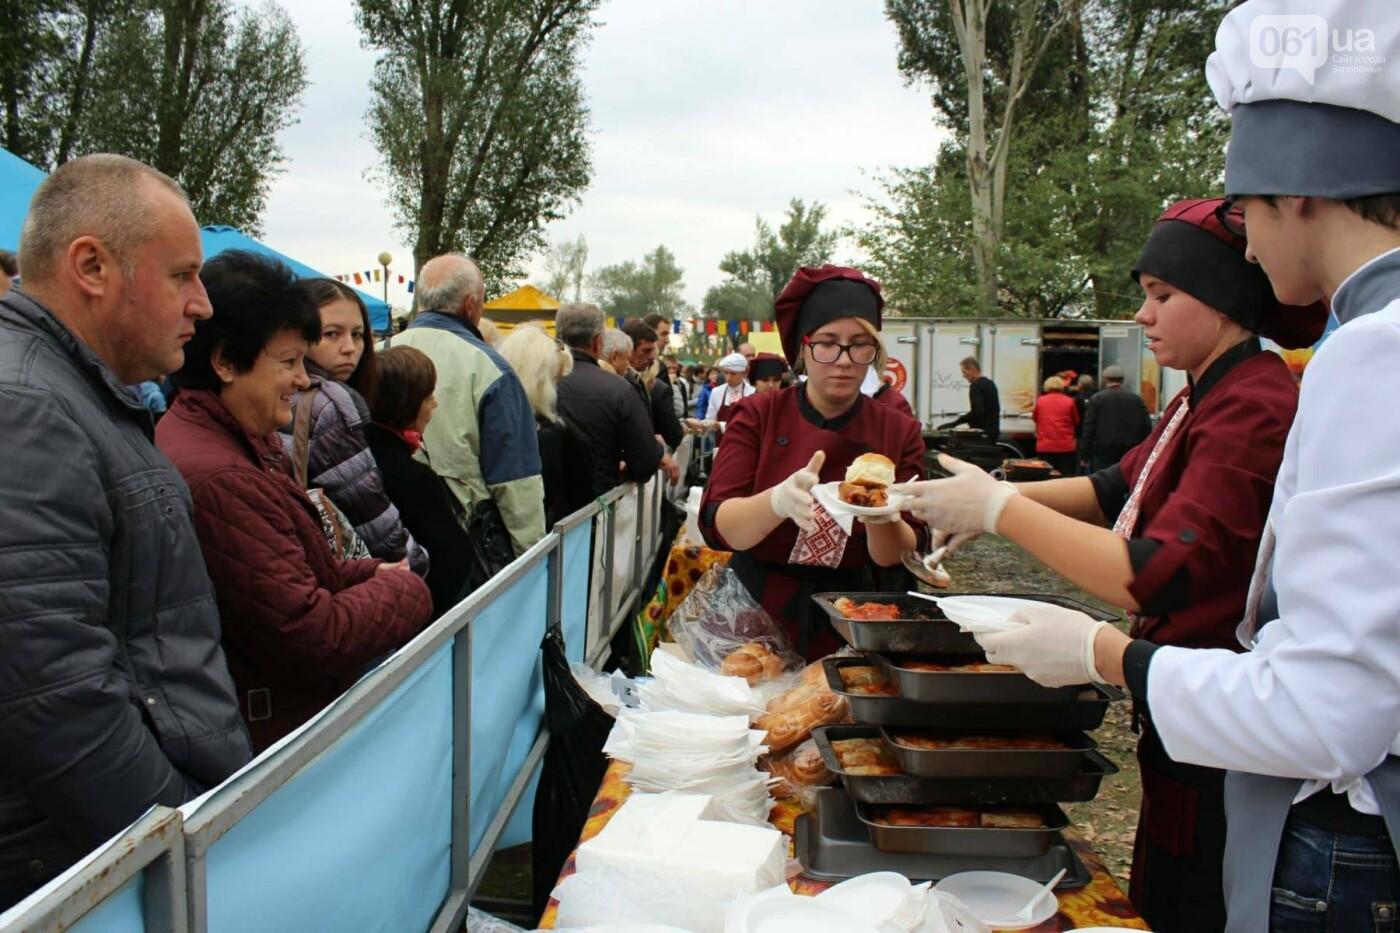 В Запорожье на ярмарке под баян начали раздавать голубцы: пока без драк, - ФОТОРЕПОРТАЖ, фото-2